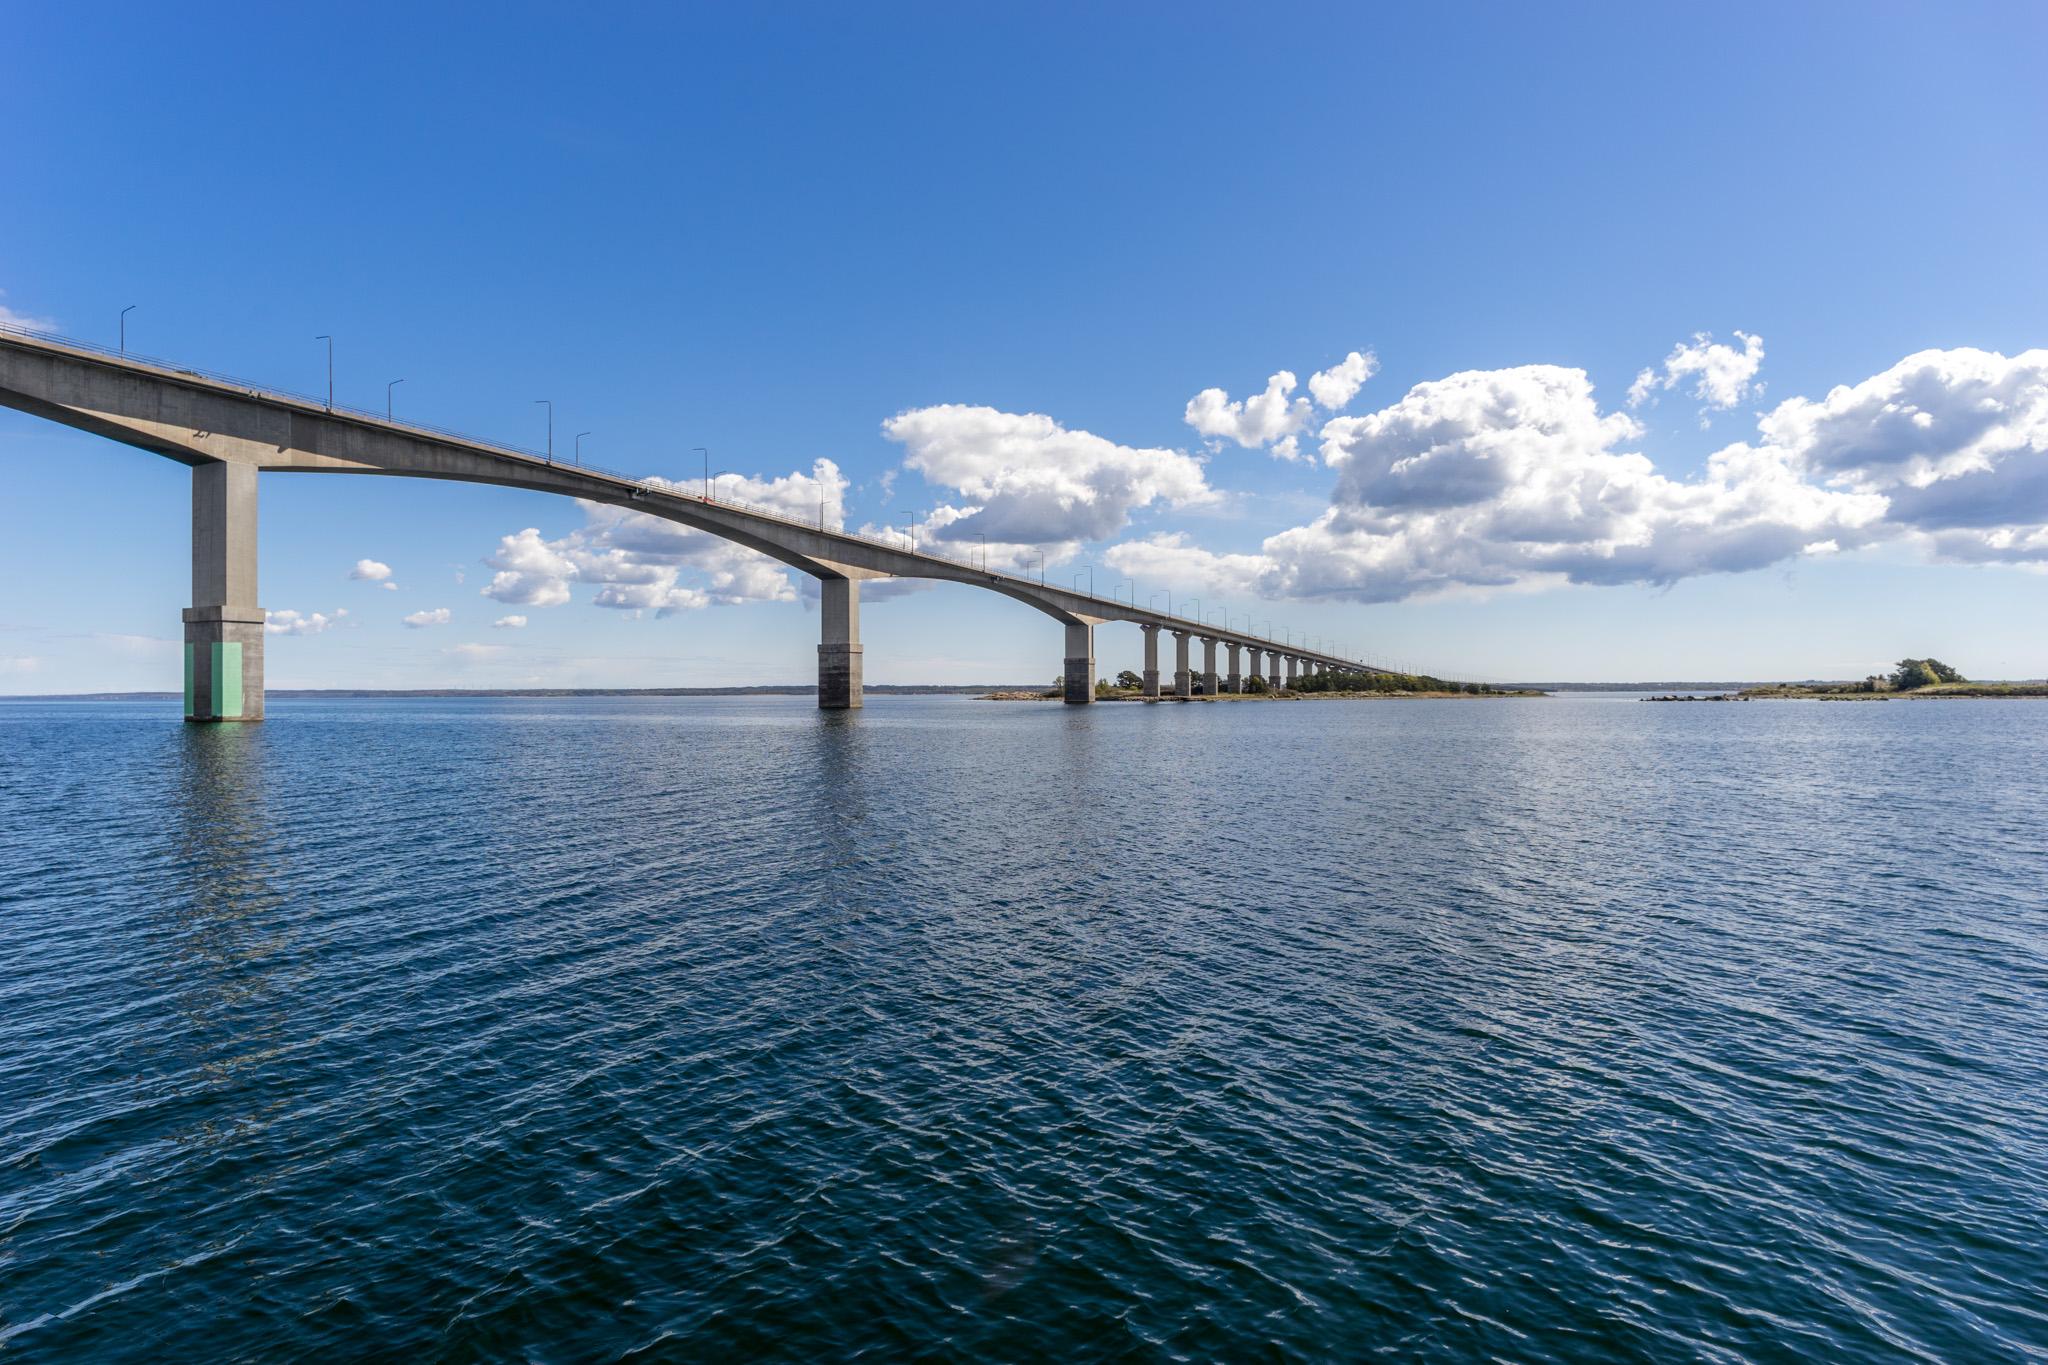 Kalmarsundbrücke